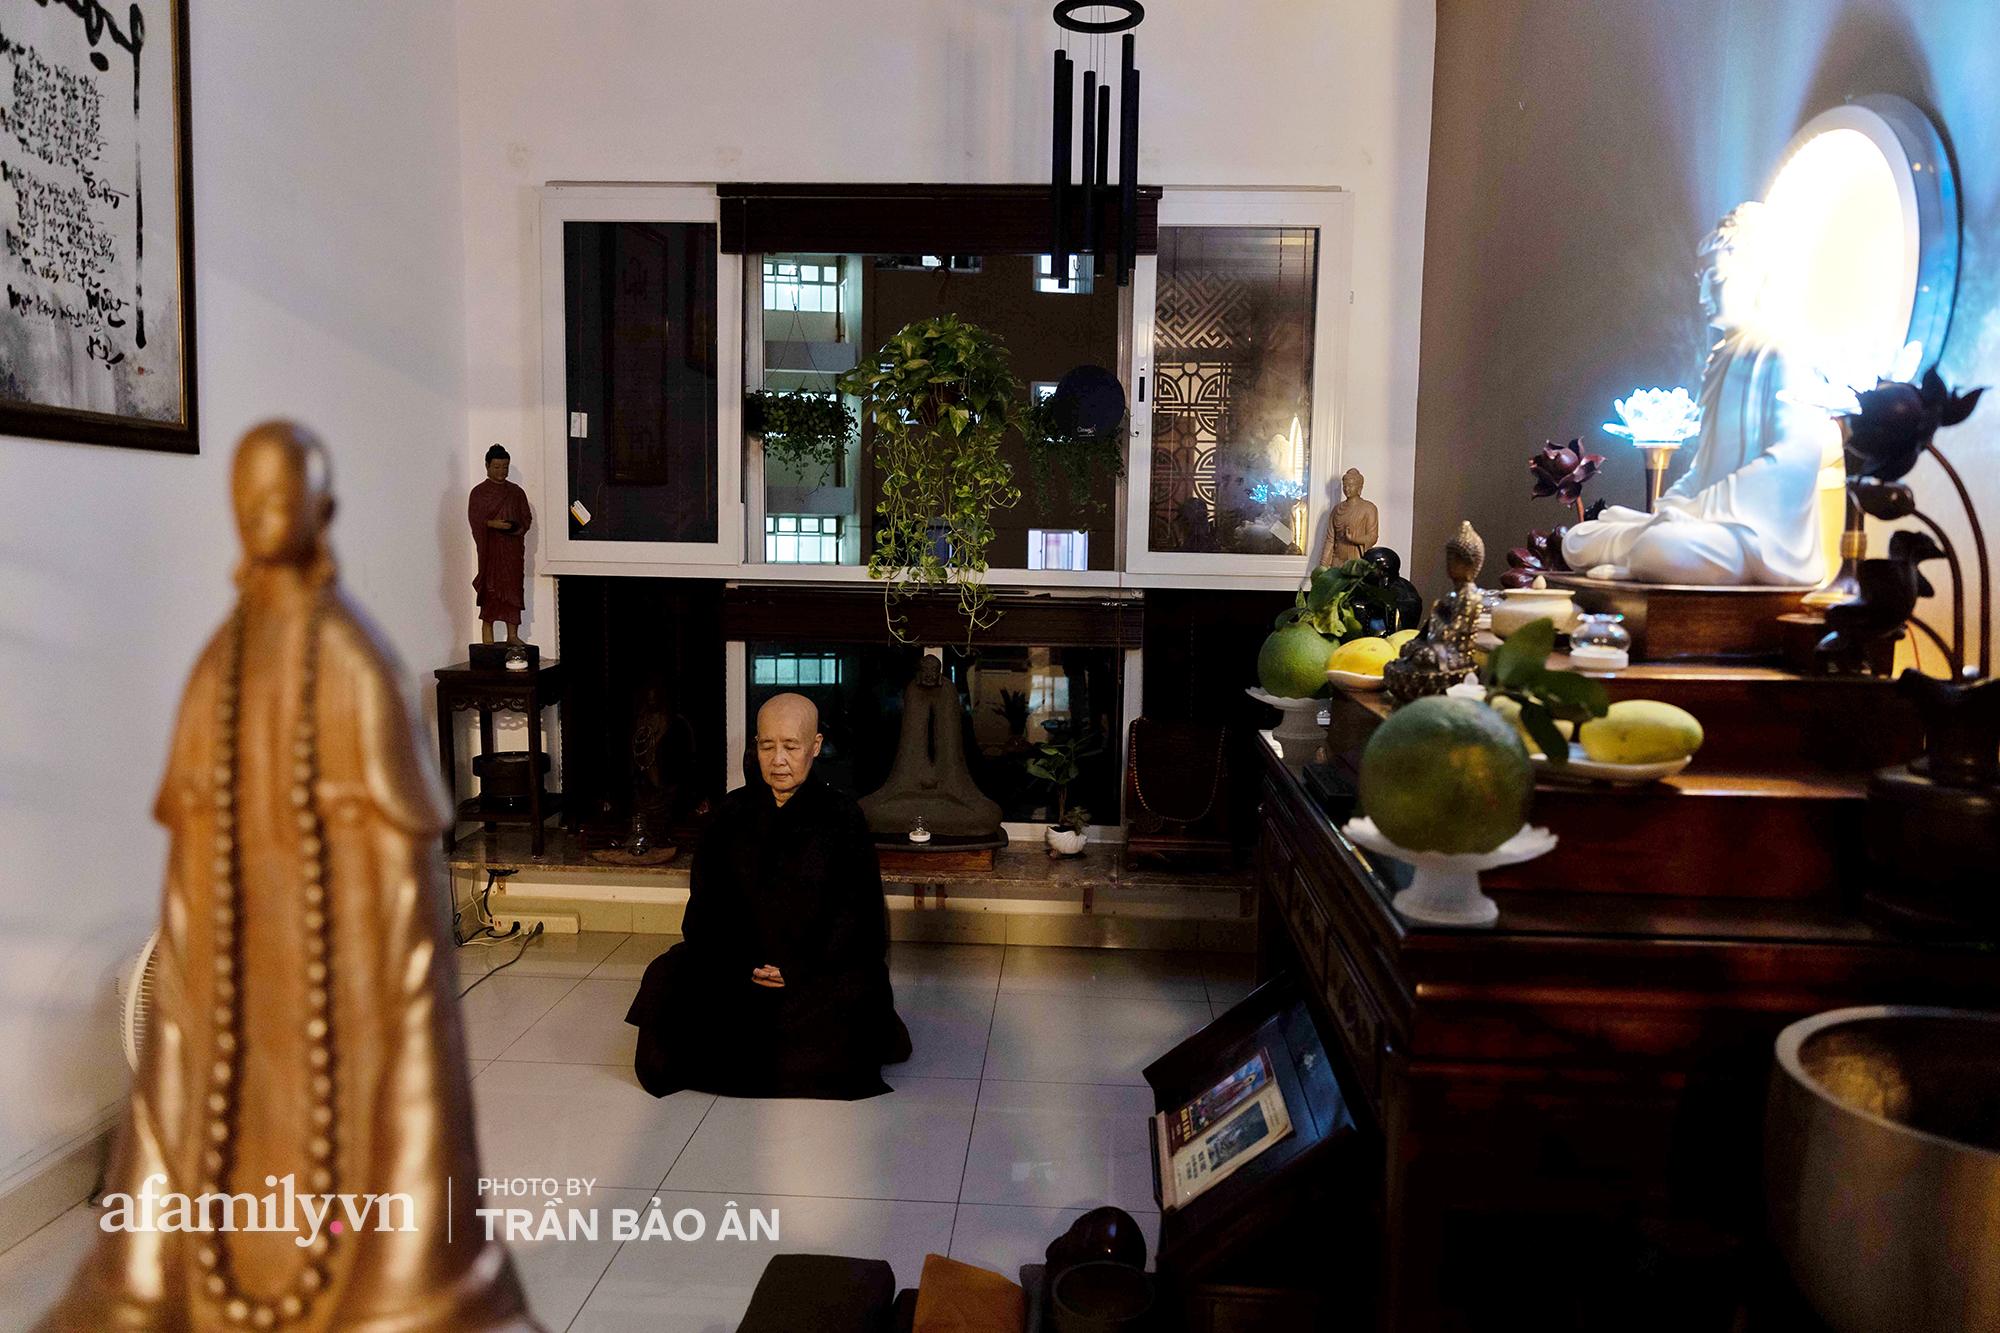 Những hình ảnh hiếm hoi tại nhà của Nghệ nhân ẩm thực Nguyễn Dzoãn Cẩm Vân kể từ khi xuất gia và bữa cơm chay do đích thân cô xuống bếp thiết đãi - Ảnh 10.